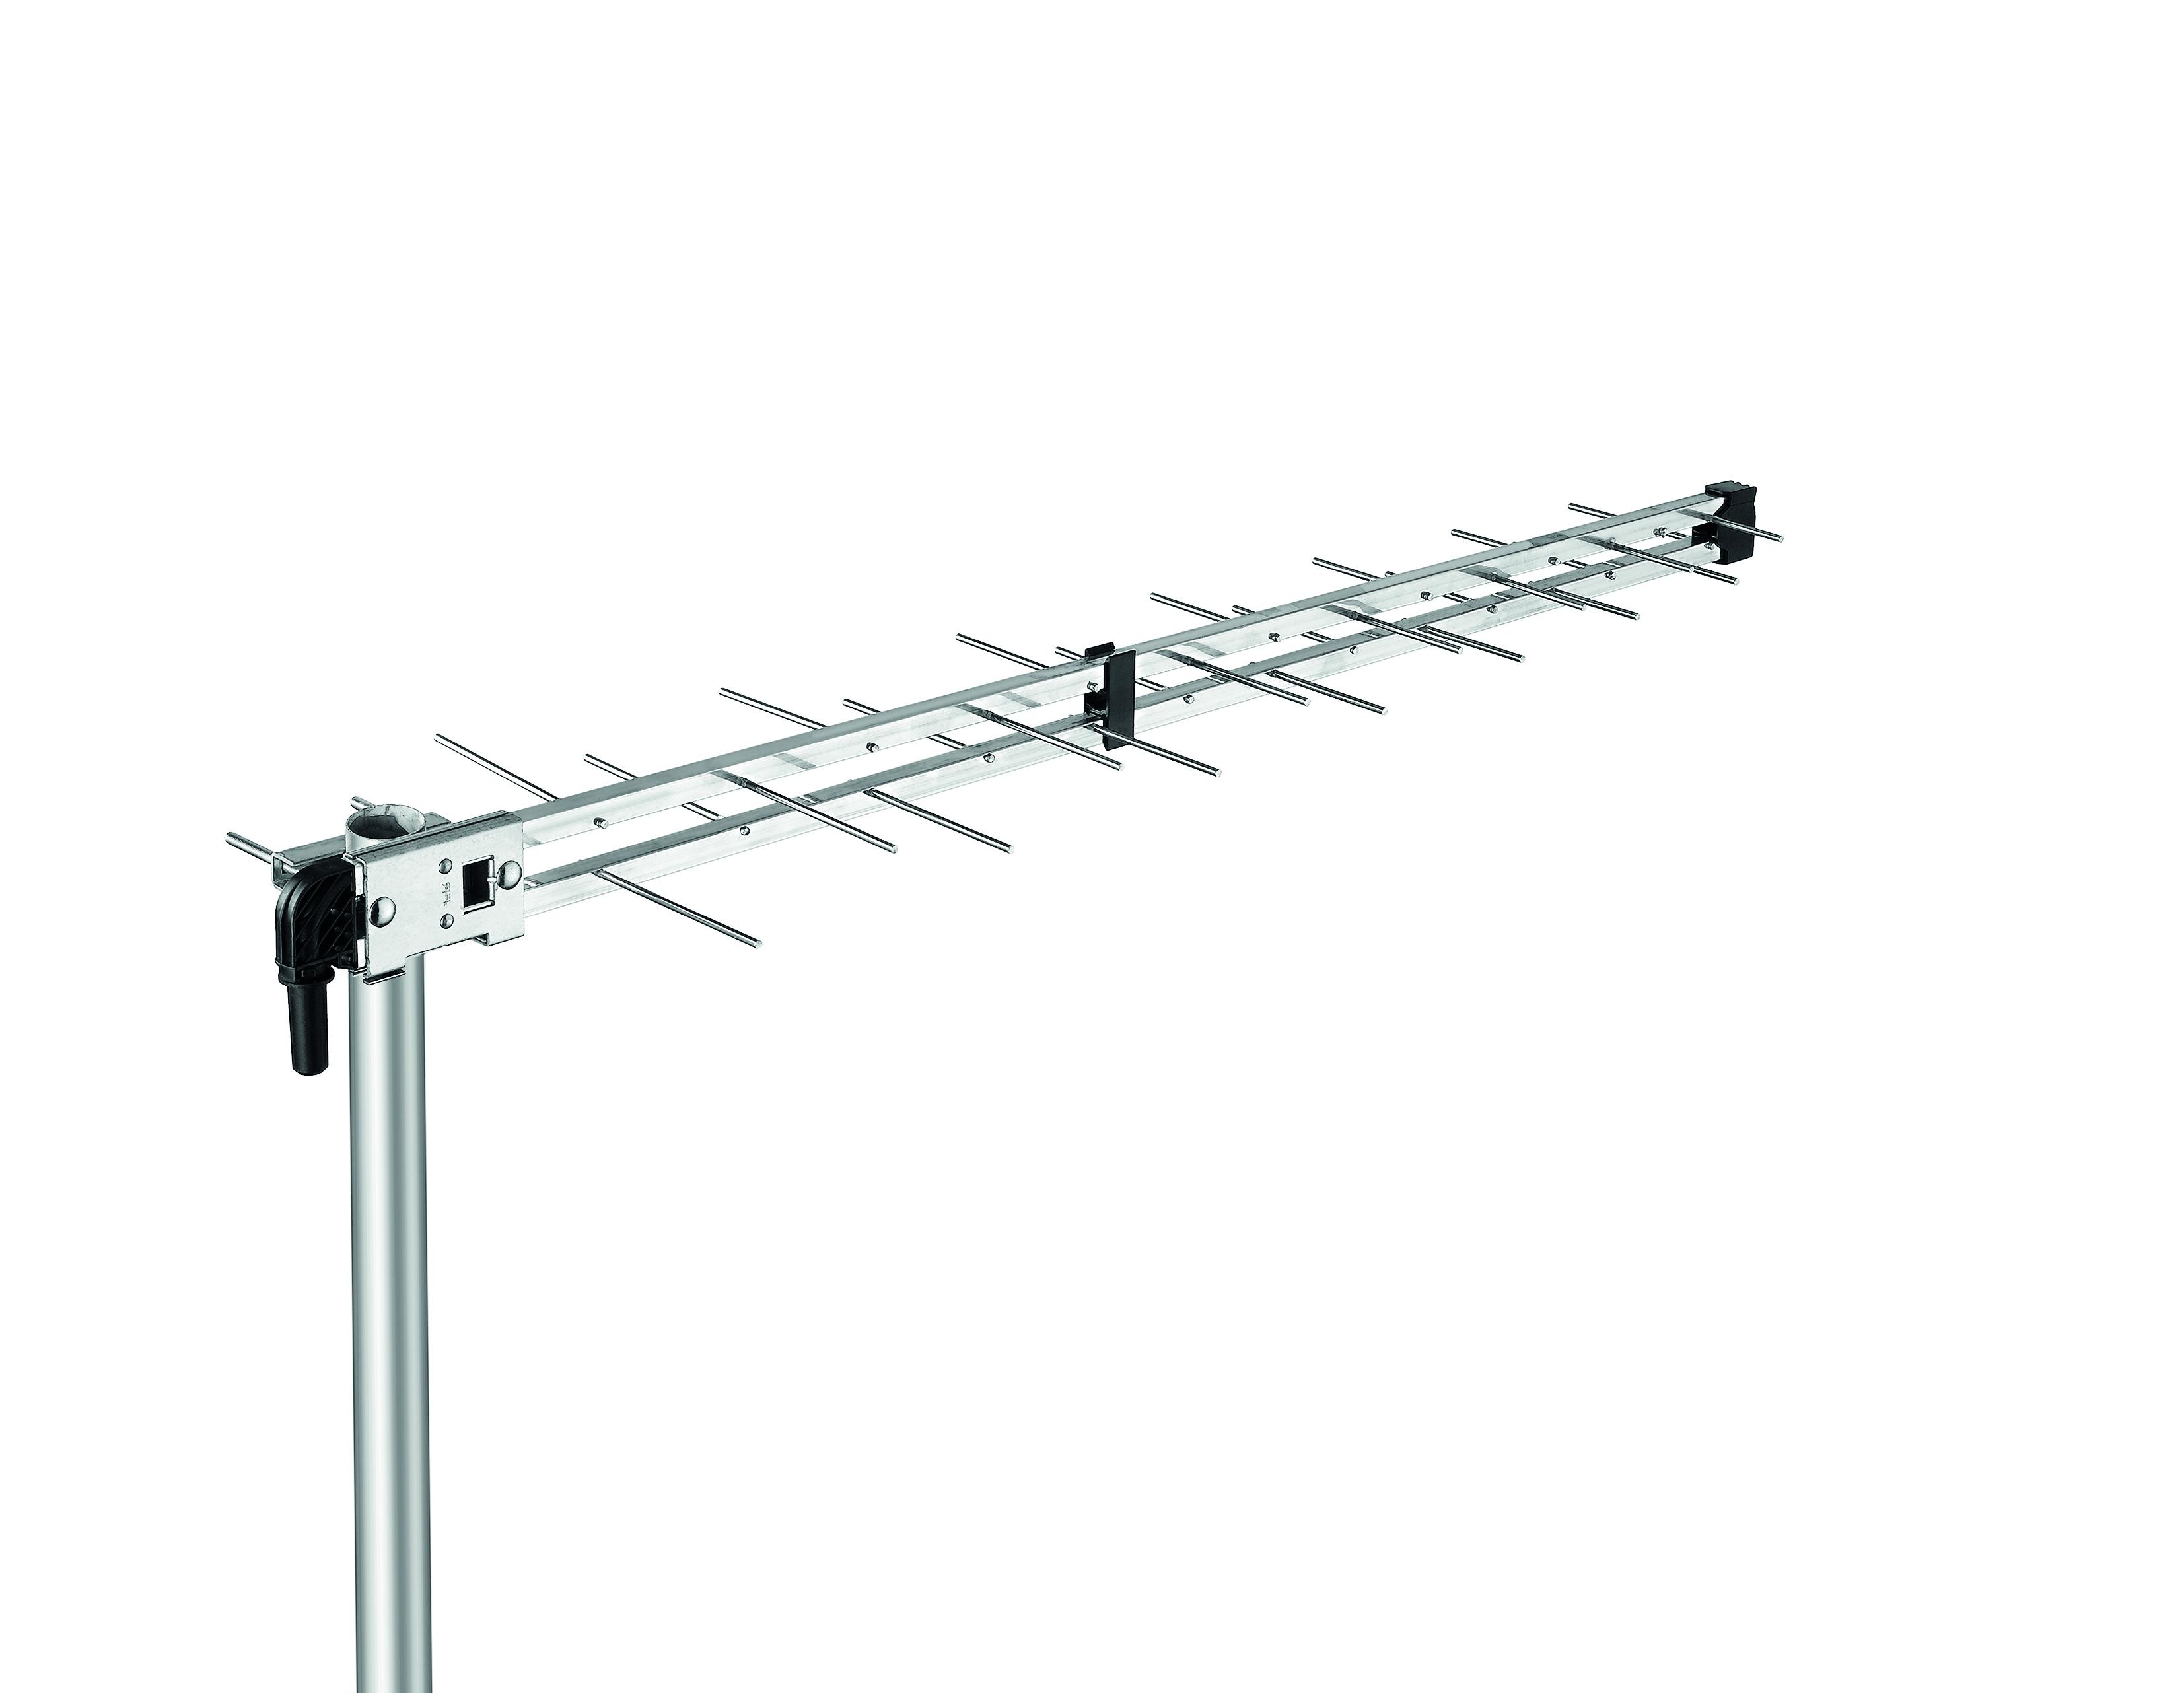 Antena Logarytmiczna Vhf Uhf Fracarro Lp345f Z Cze F